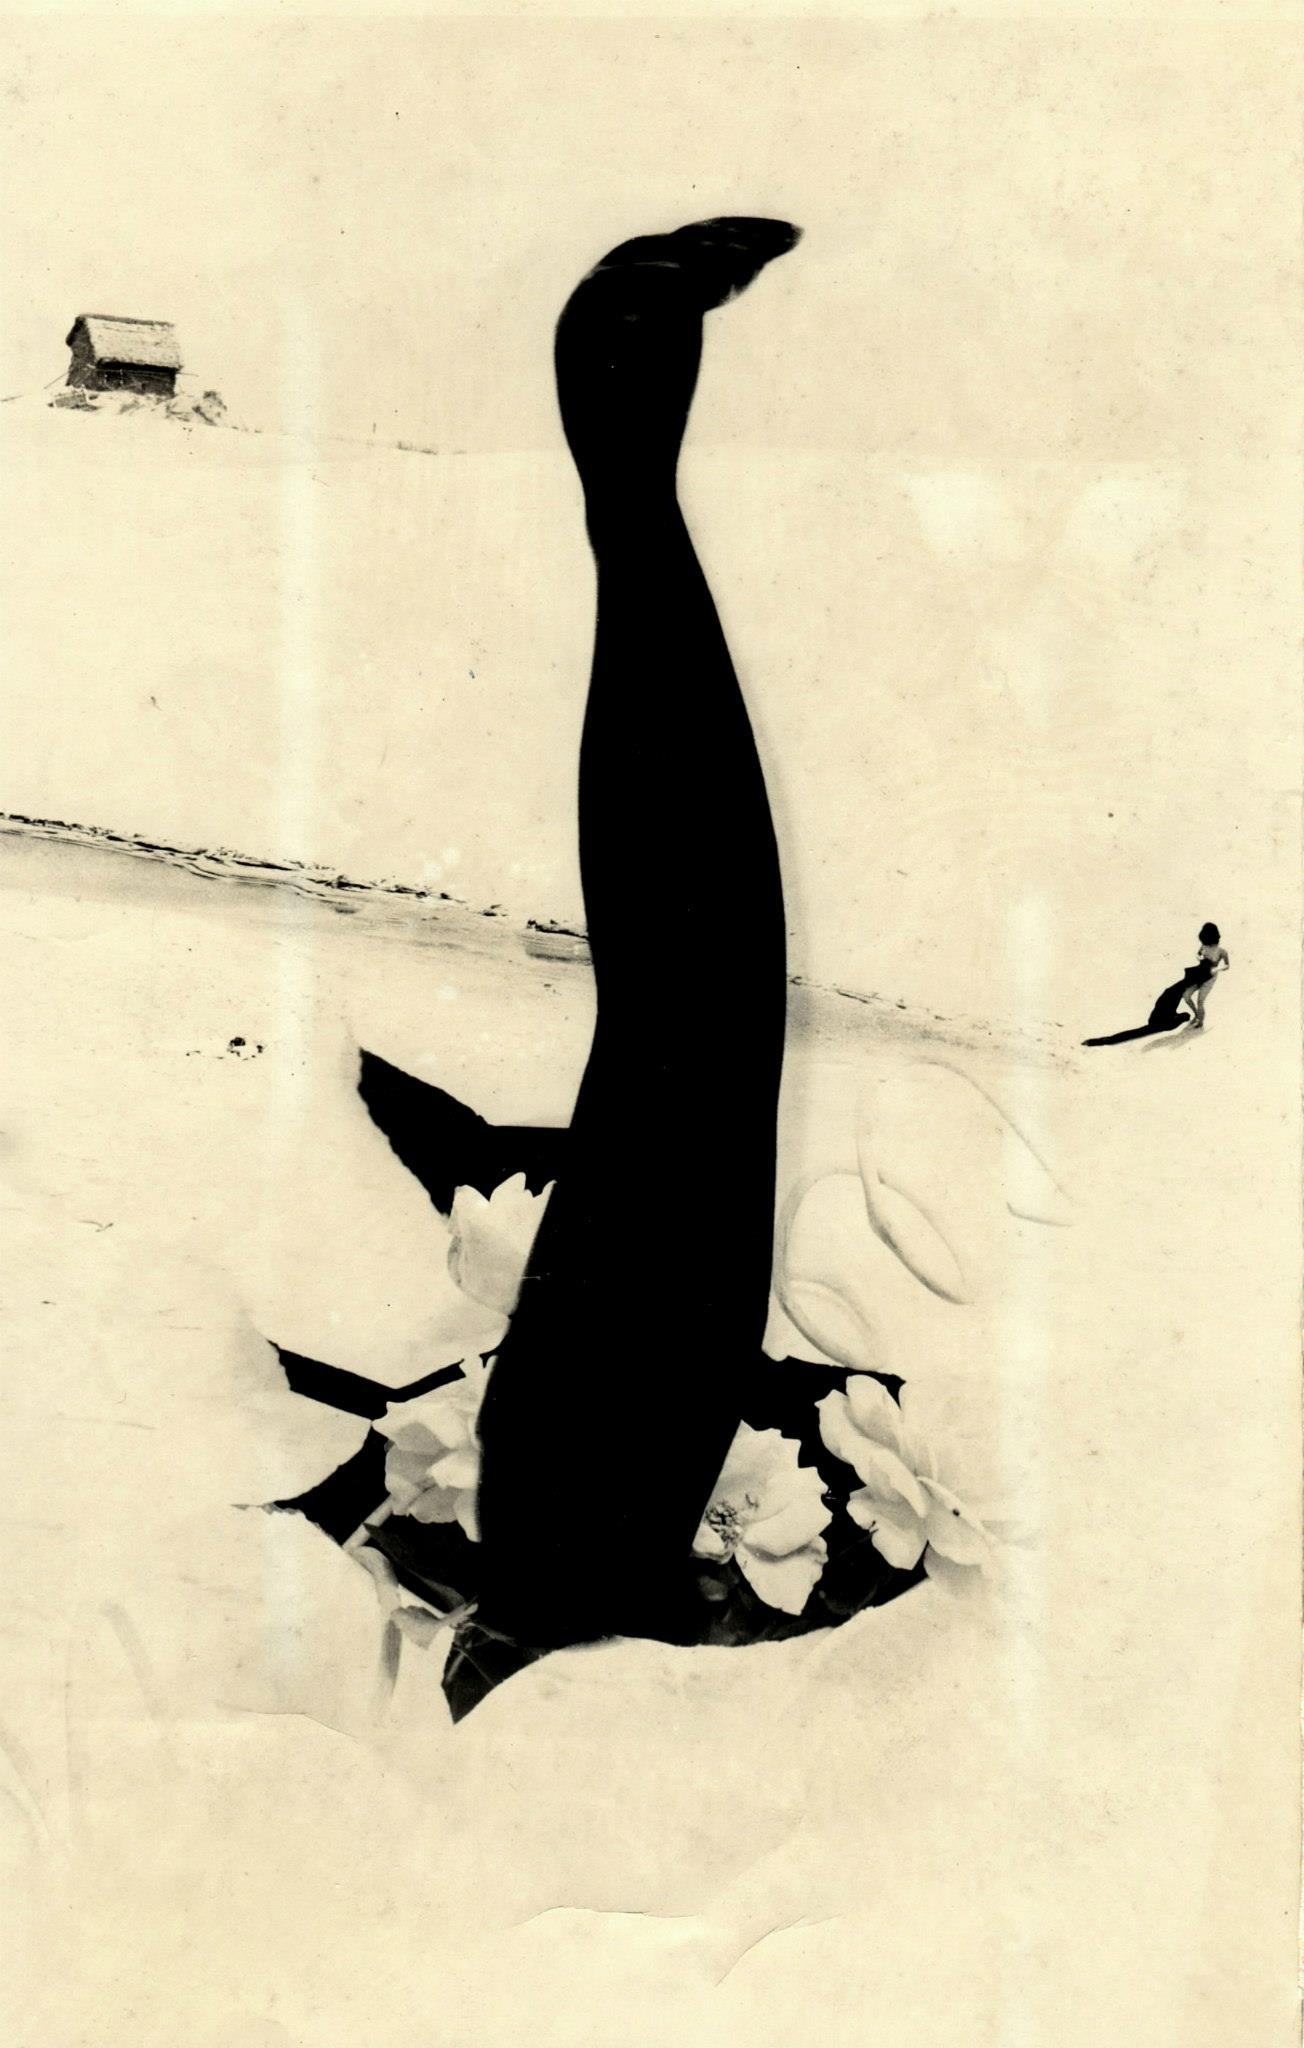 Kansuke Yamamoto. Endress beginning 1963©Toshio Yamamoto